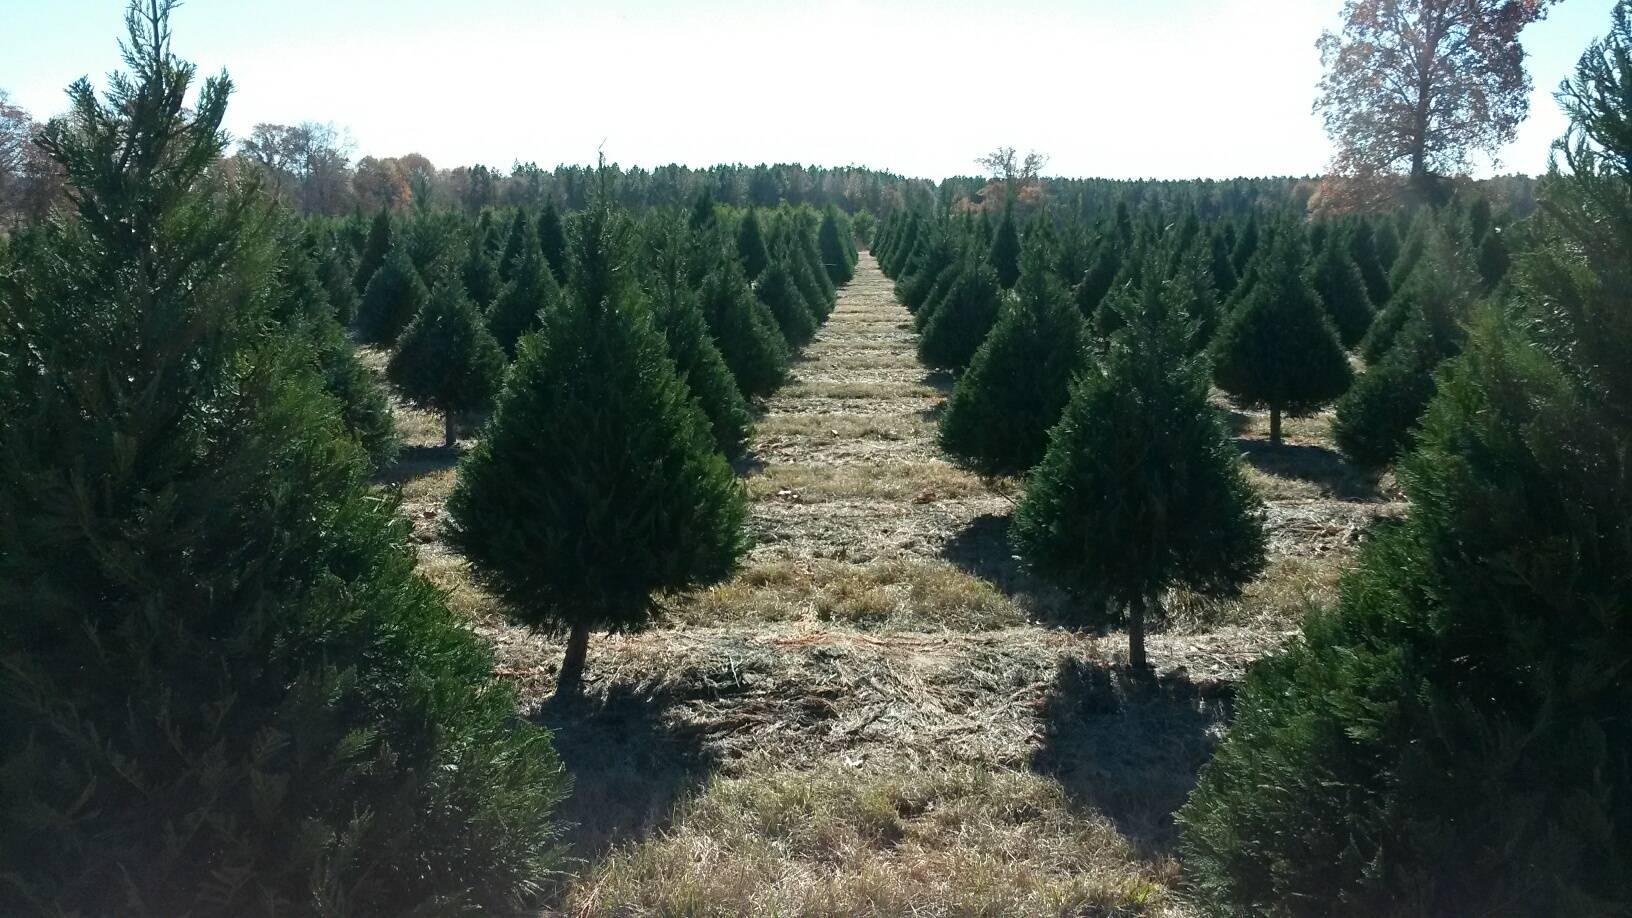 christmas tree farms near rochester ny